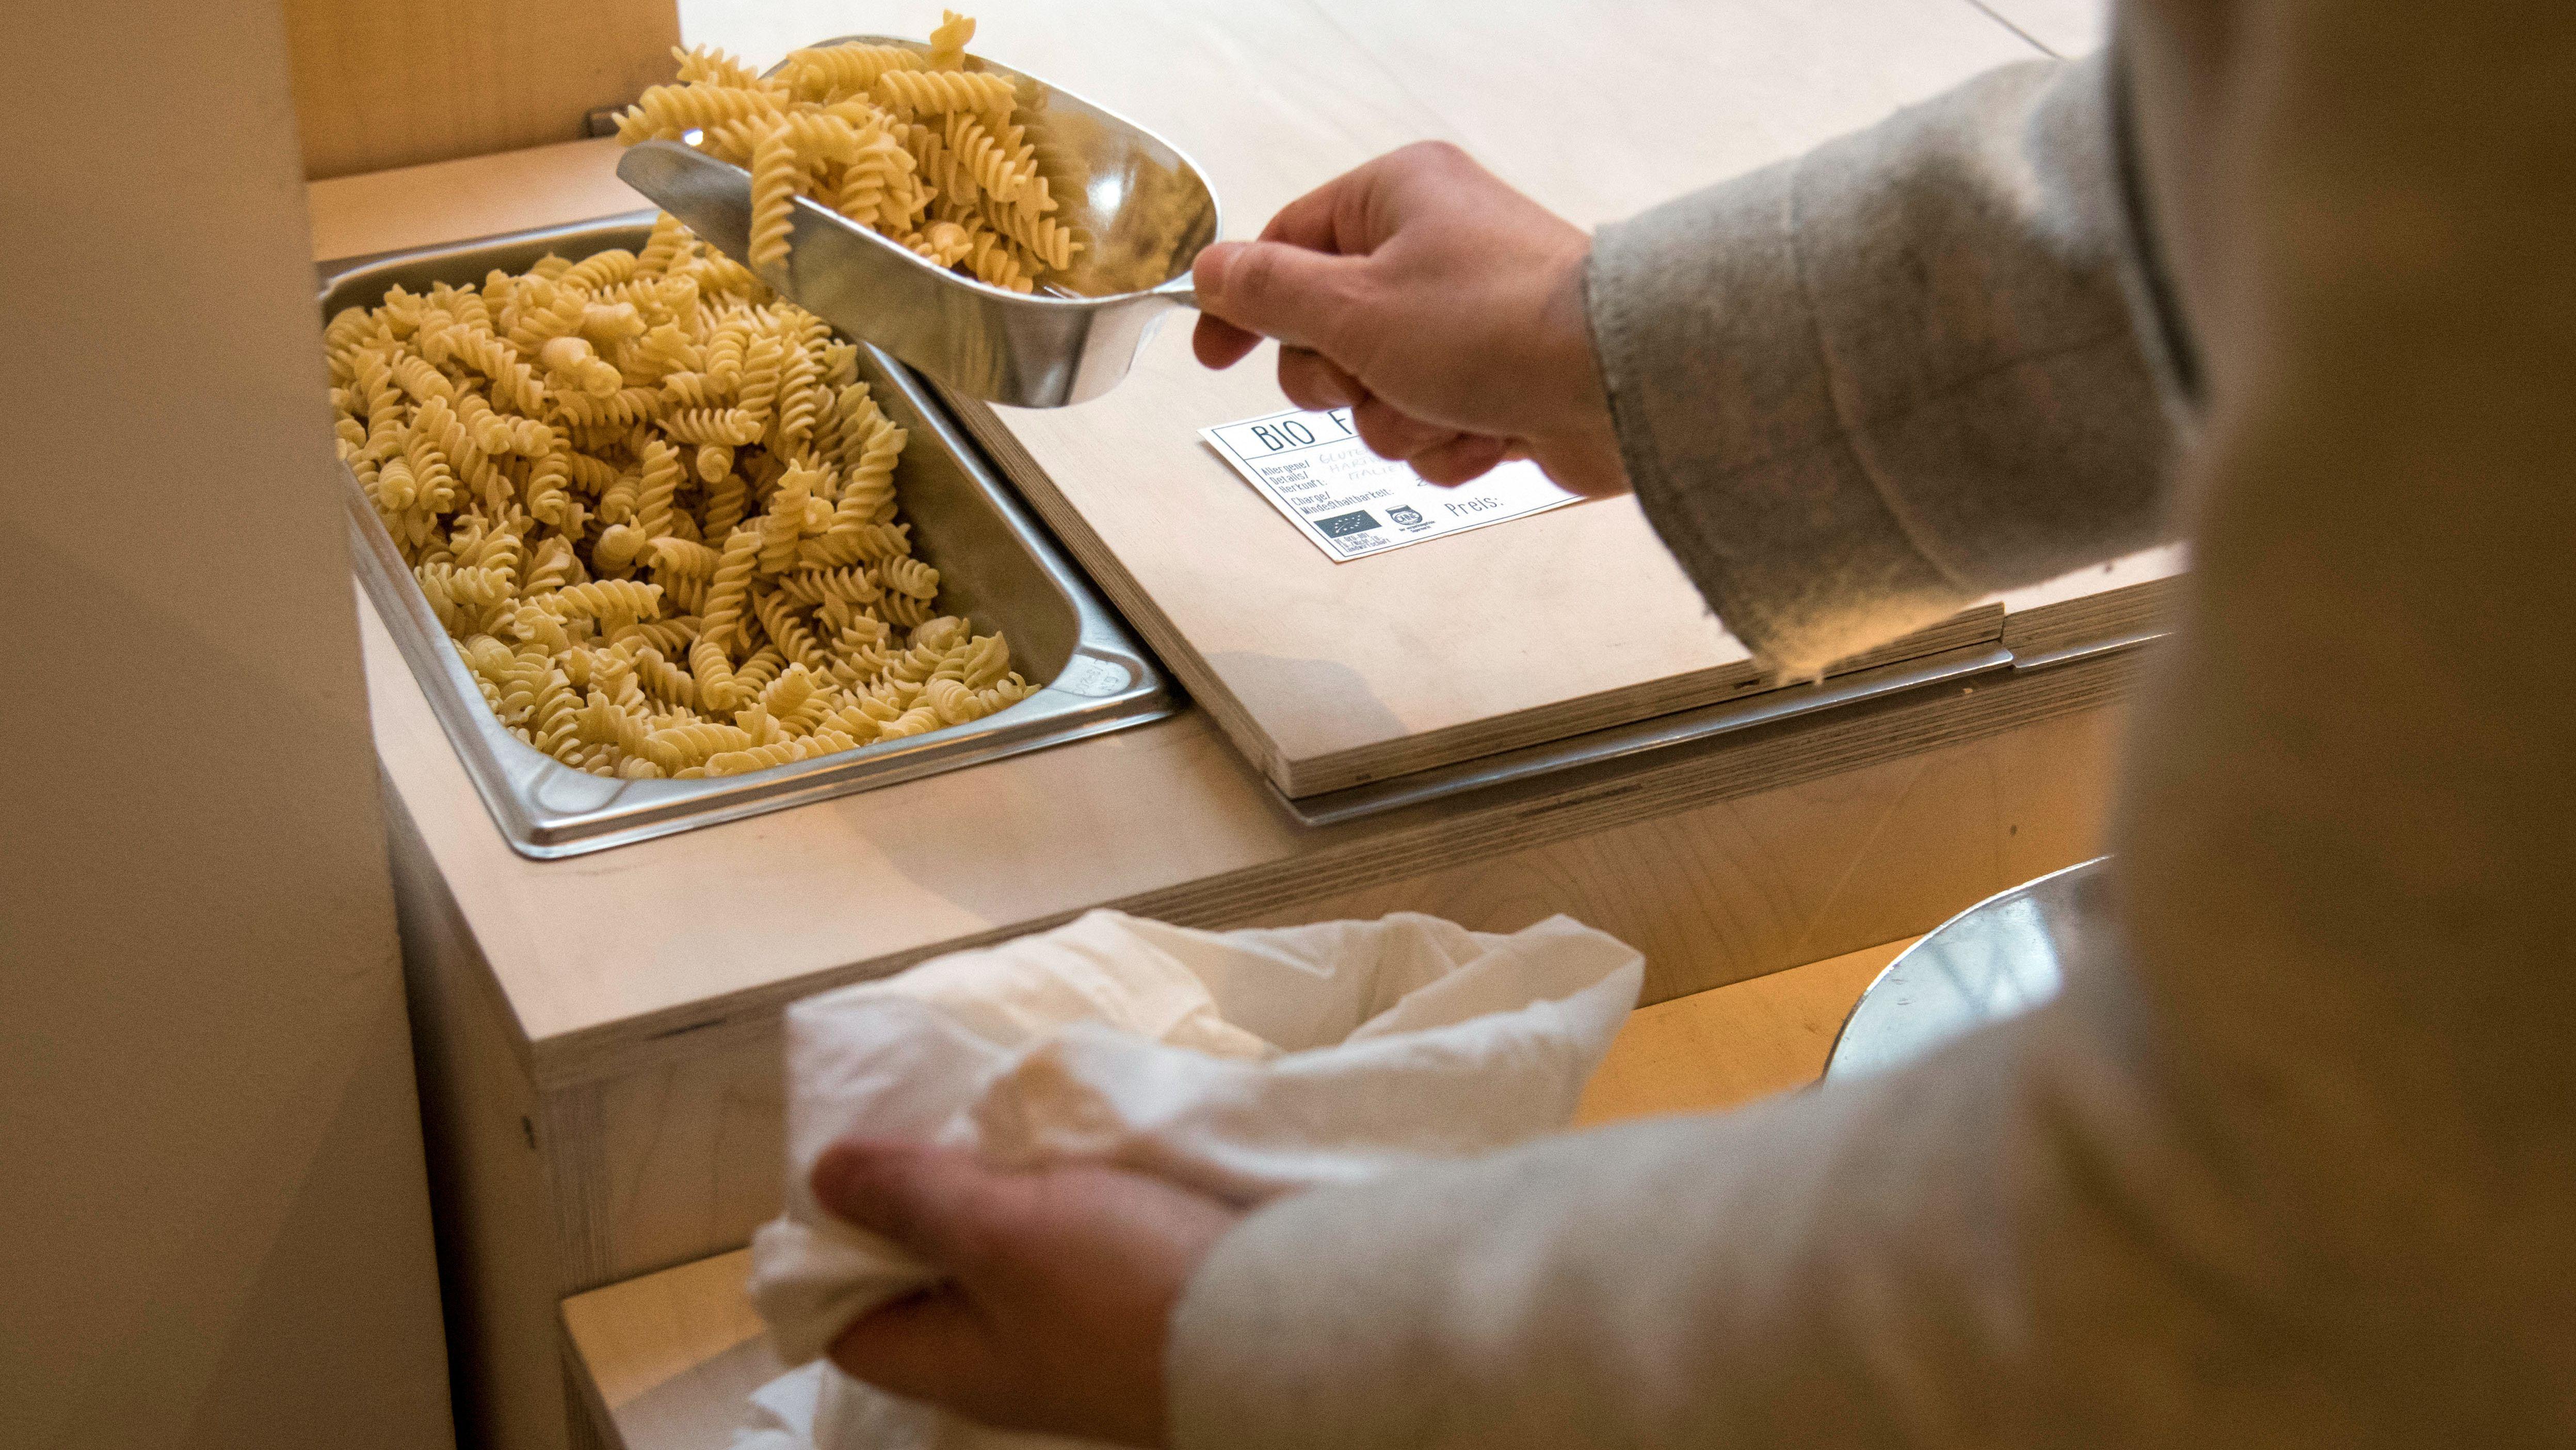 BR24-Umfrage: Jeder dritte Bayer will mehr unverpackte Lebensmittel kaufen